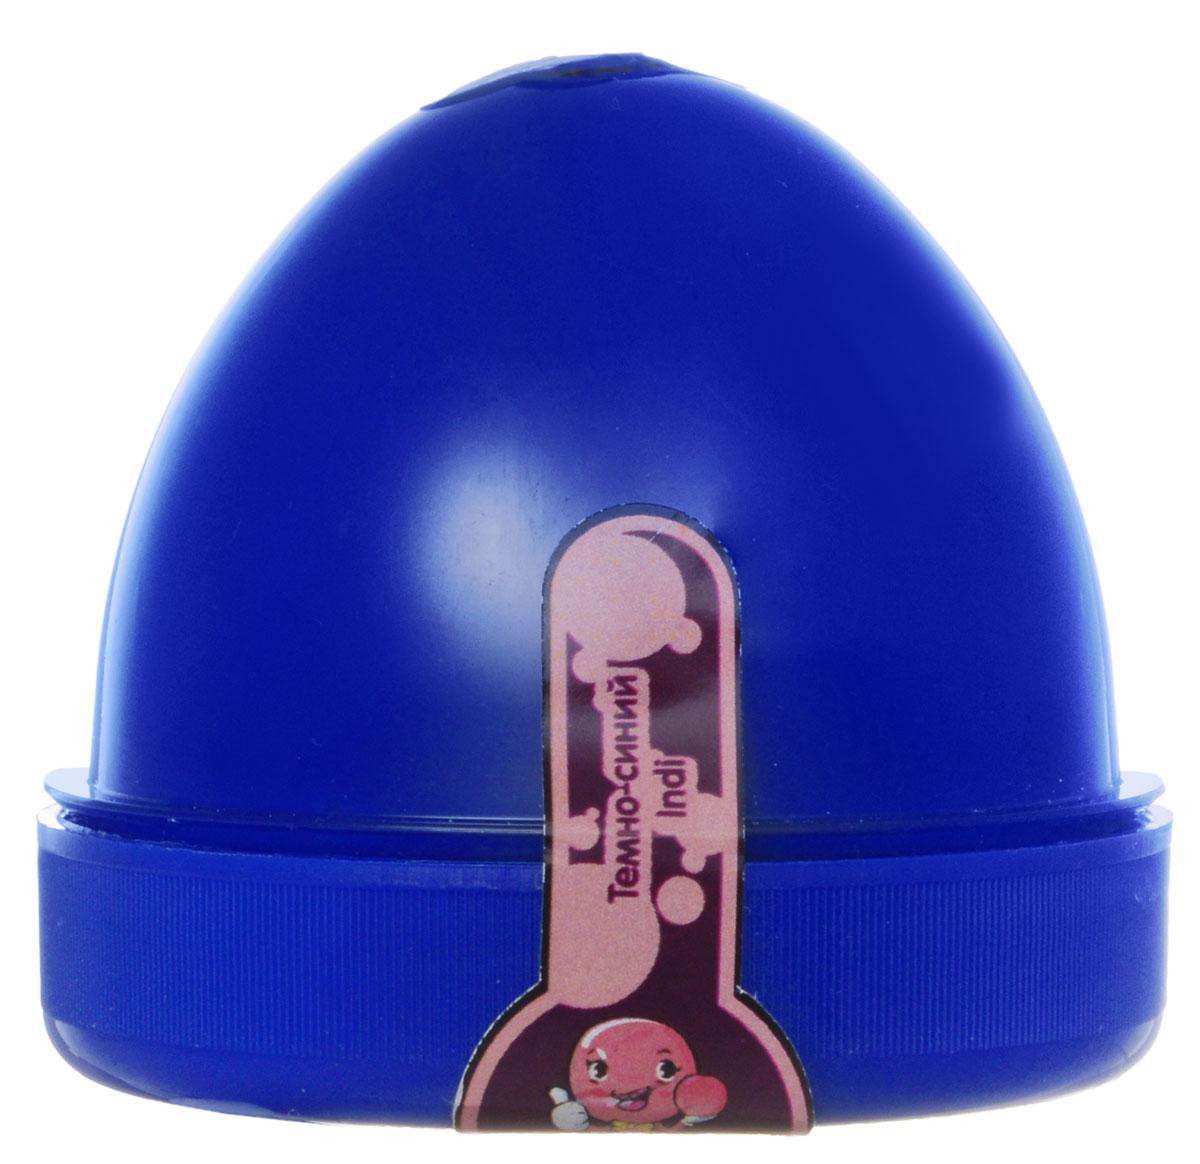 Жвачка для рук  ТМ HandGum , цвет: темно-синий, с запахом бубль-гума, 70 г - Развлекательные игрушки